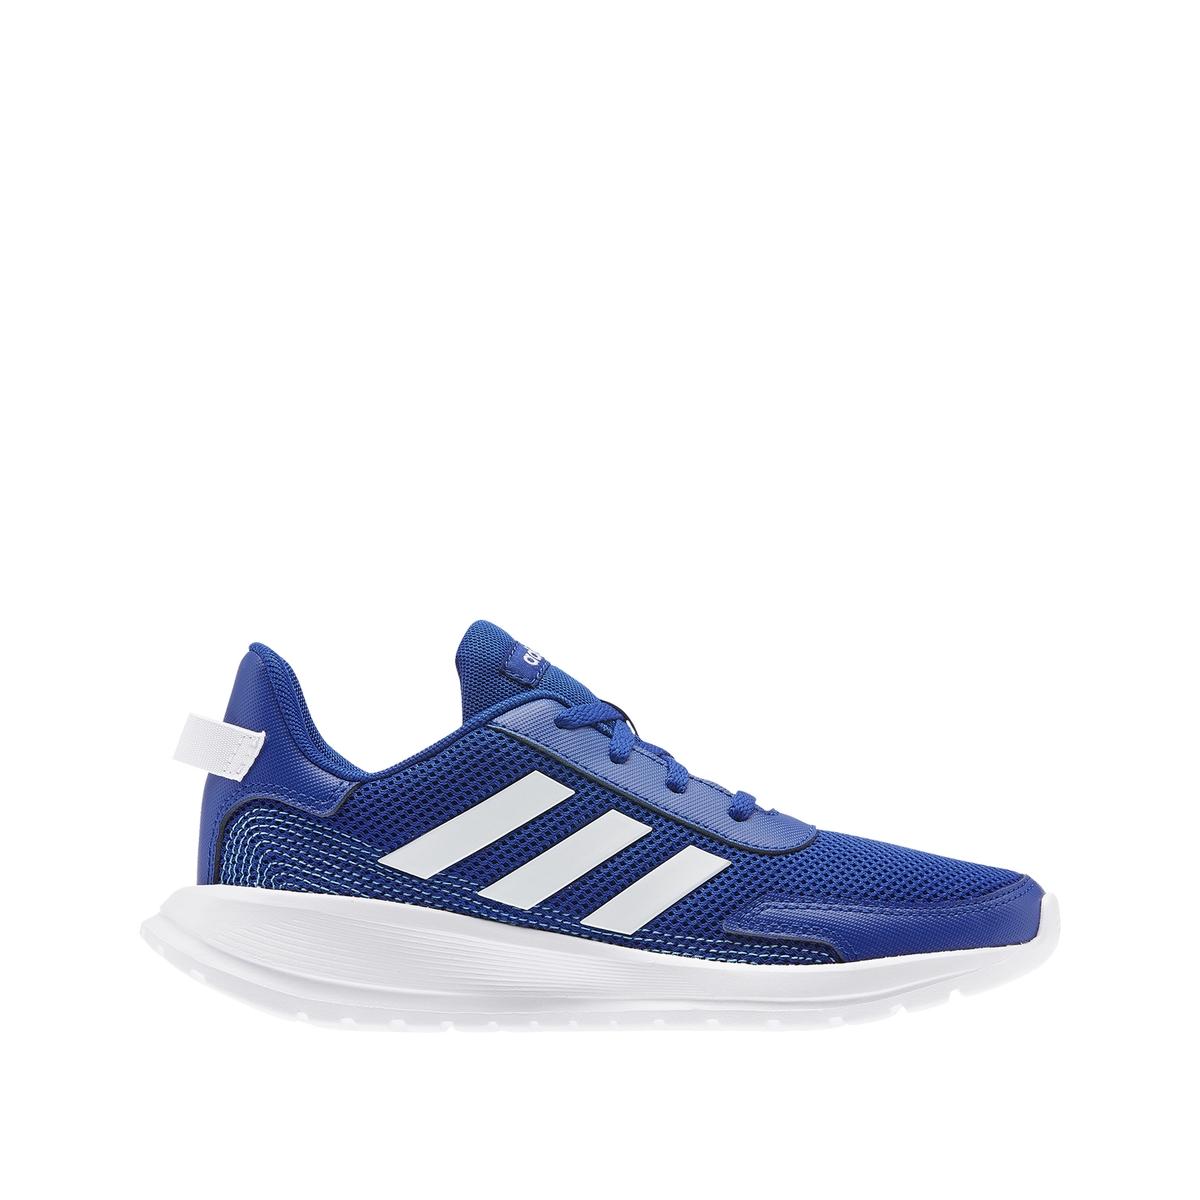 Adidas Performance Tensaur Run K hardloopschoenen blauw/wit kids online kopen